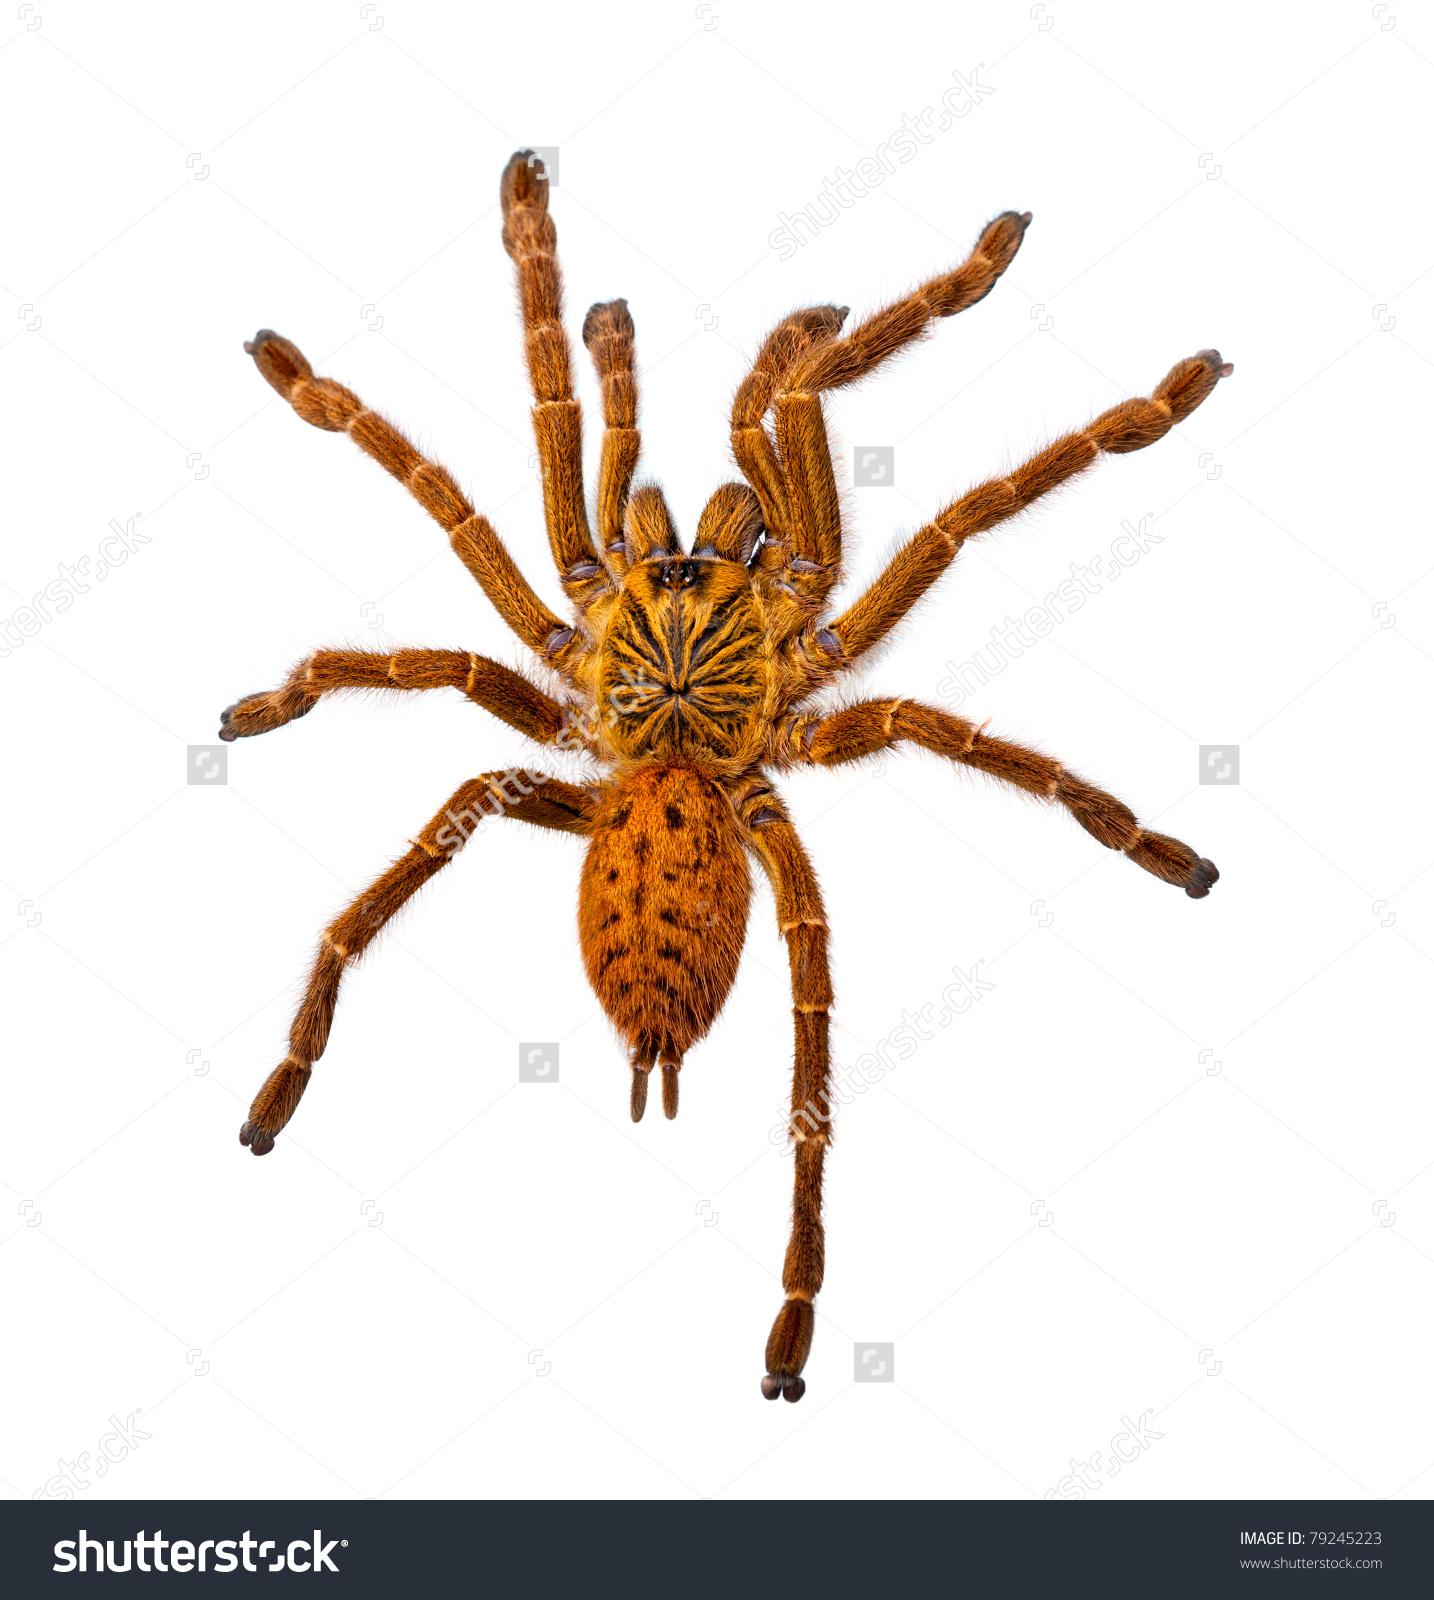 Huge Hairy Orange Spider Isolated On White Stock Photo 79245223.